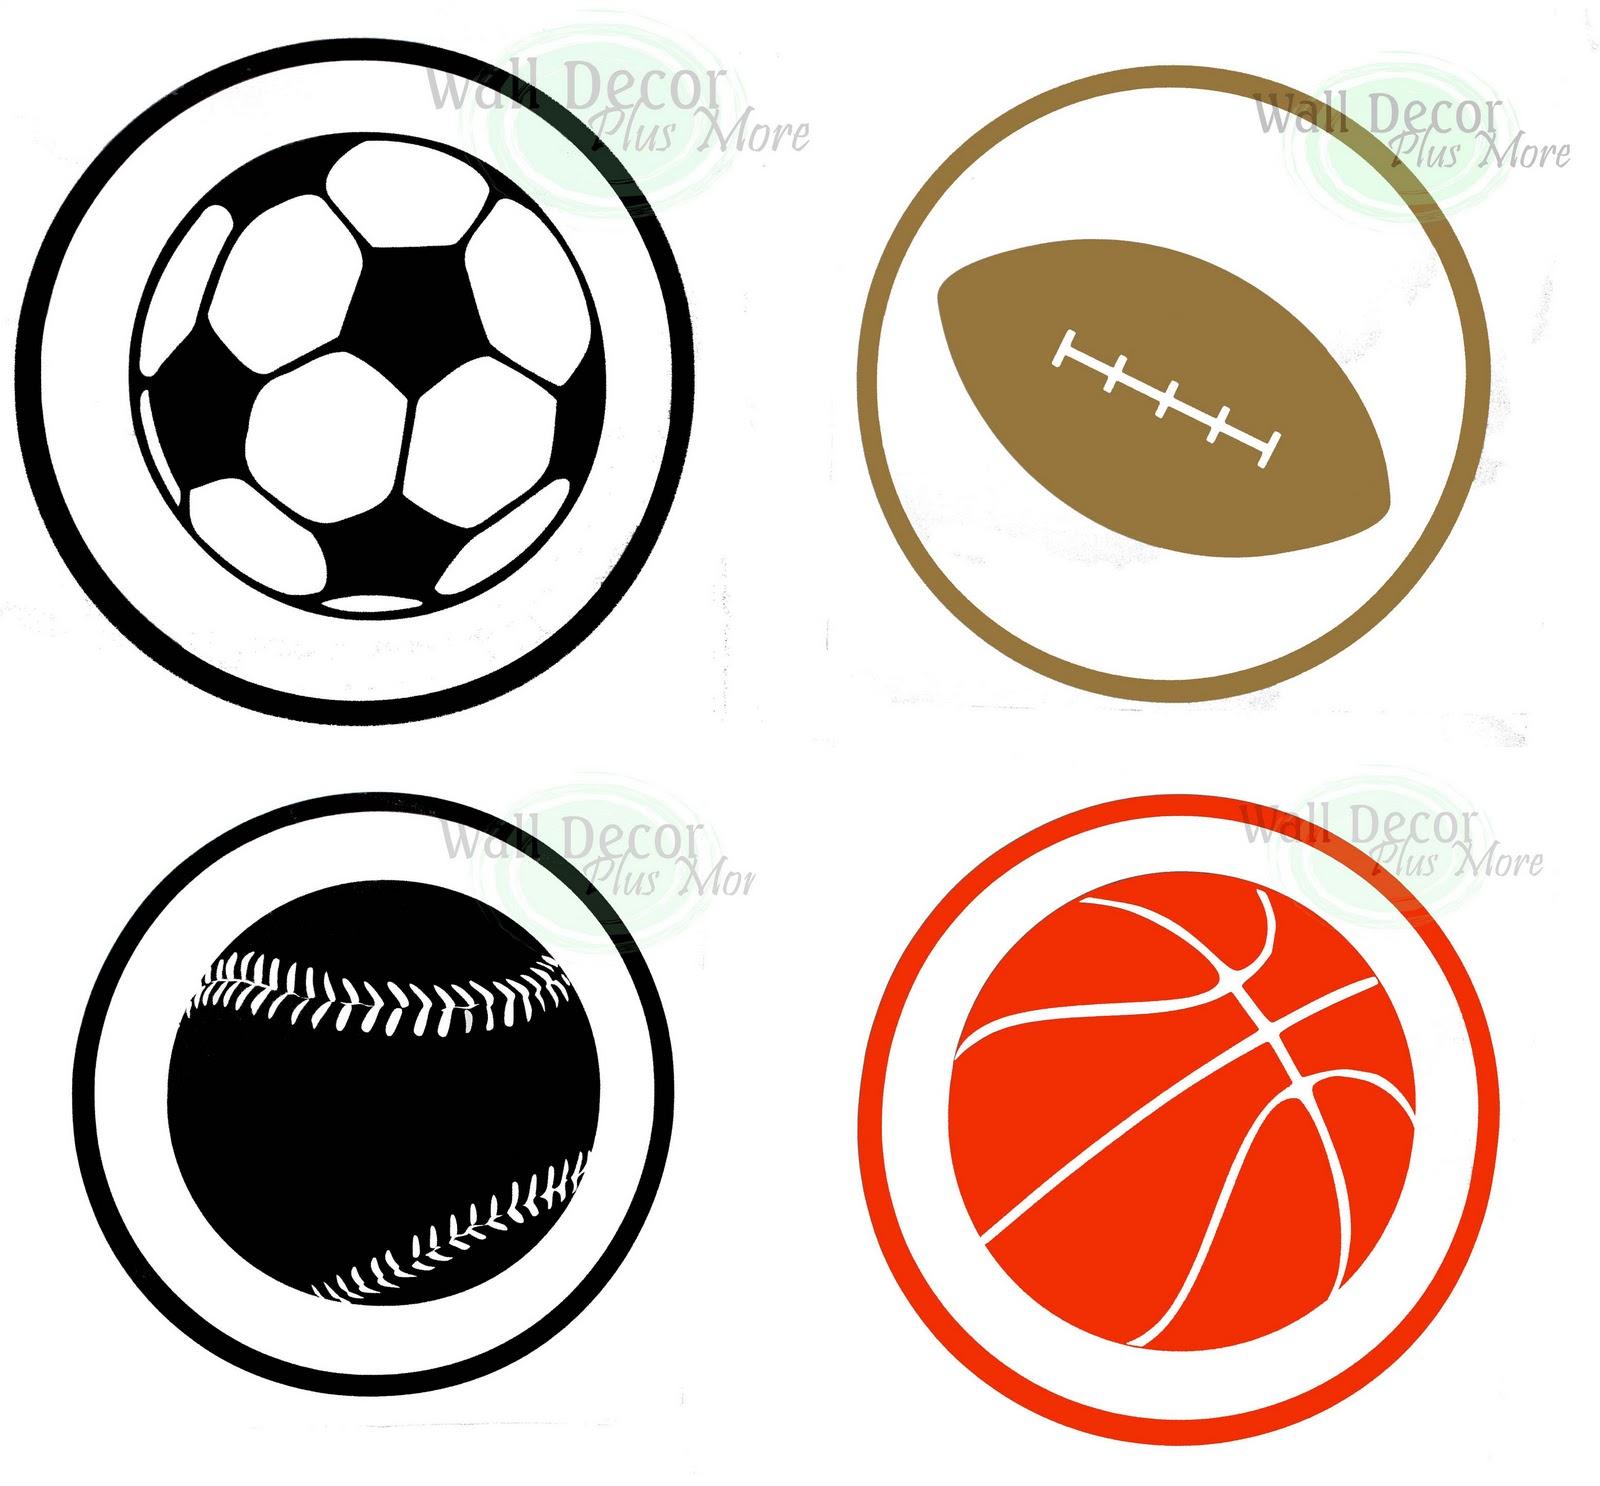 http://1.bp.blogspot.com/_iUXX3rF1Axo/TMmT8n4pq8I/AAAAAAAAAcI/fq6_W5x06eM/s1600/boys%20ball%20wall%20stickers.jpg